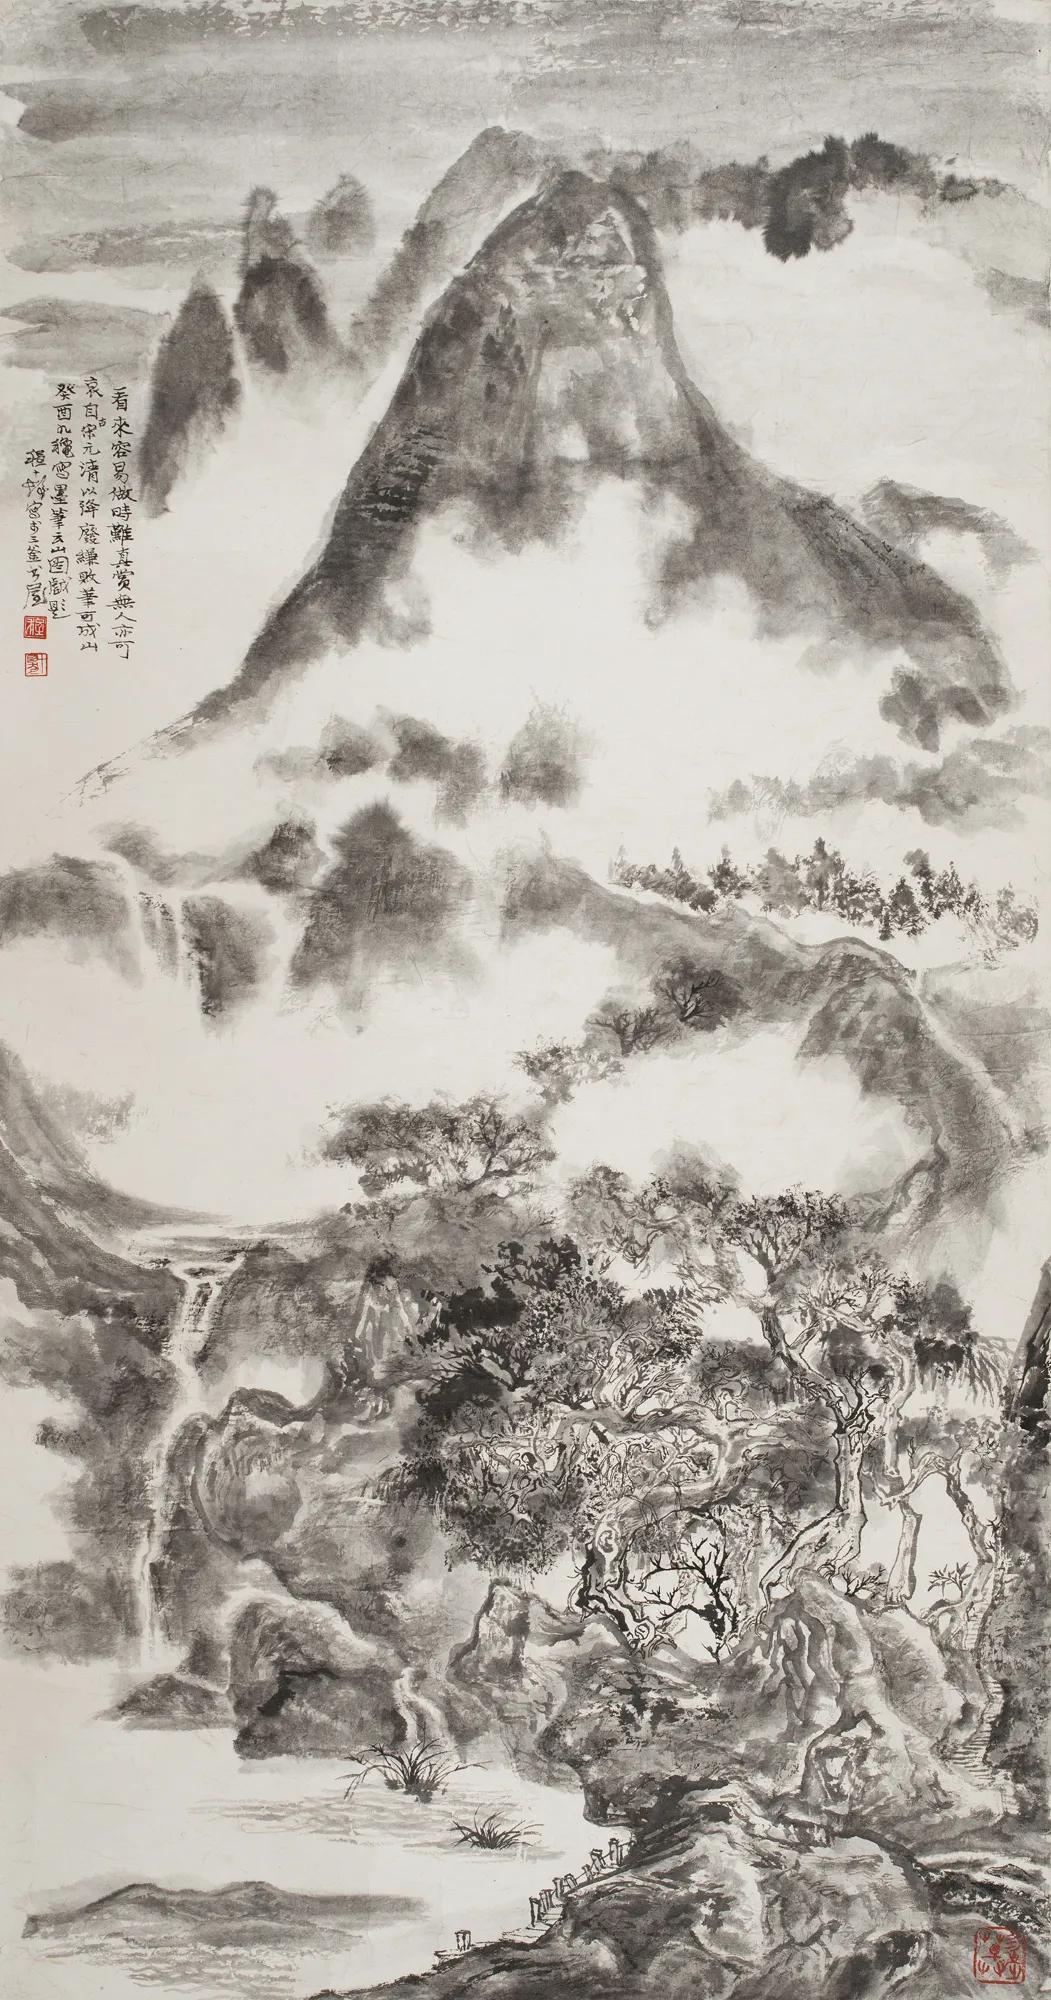 北京荣宝2020秋拍精品展将于11月27日在荣宝斋大厦开展